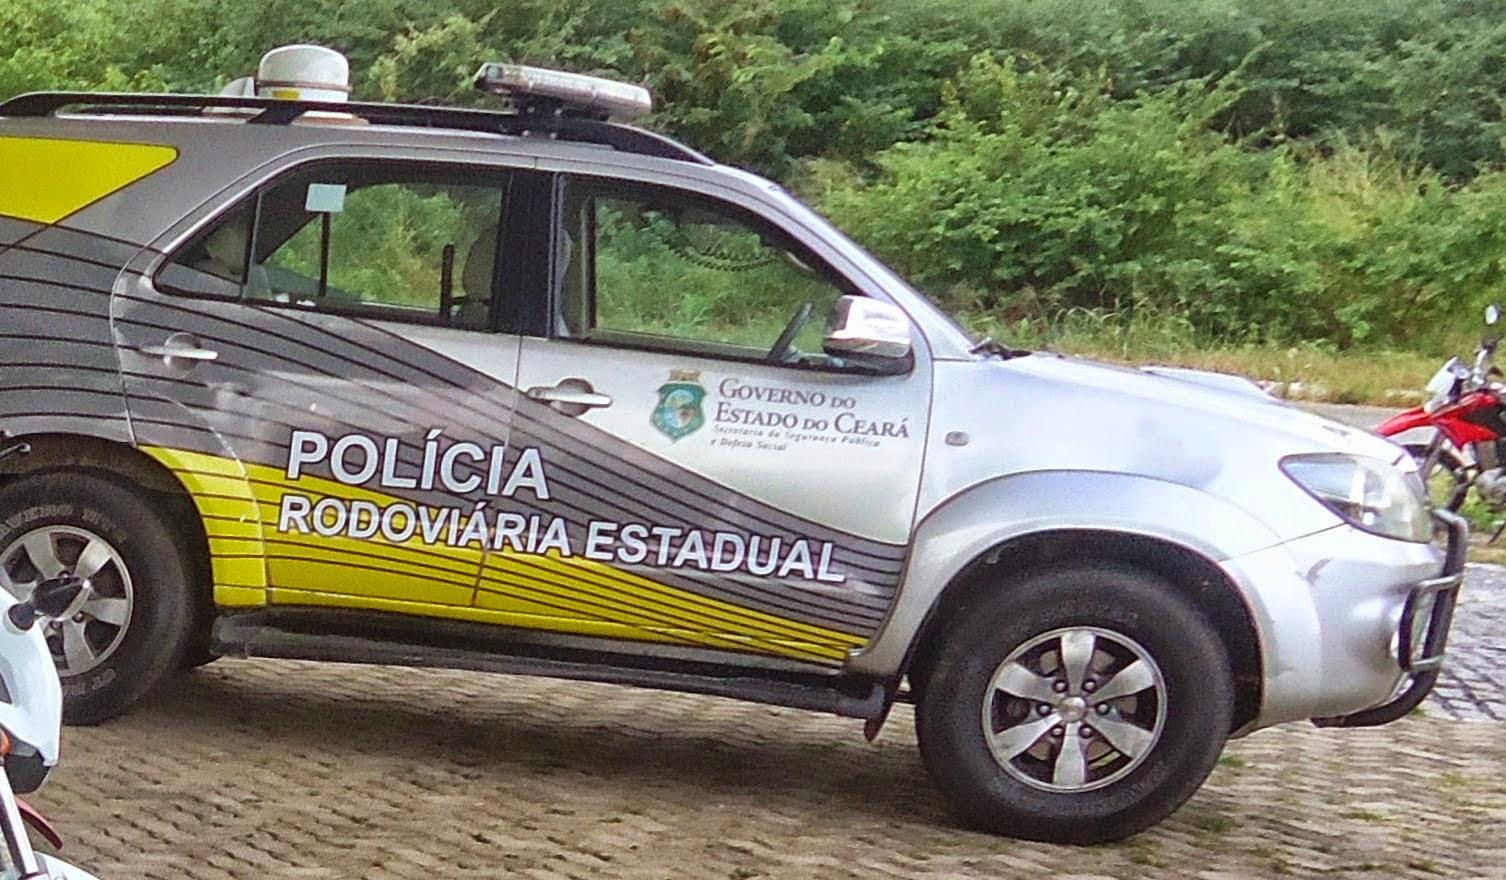 Resultado de imagem para policia rodoviaria estadual do ceara